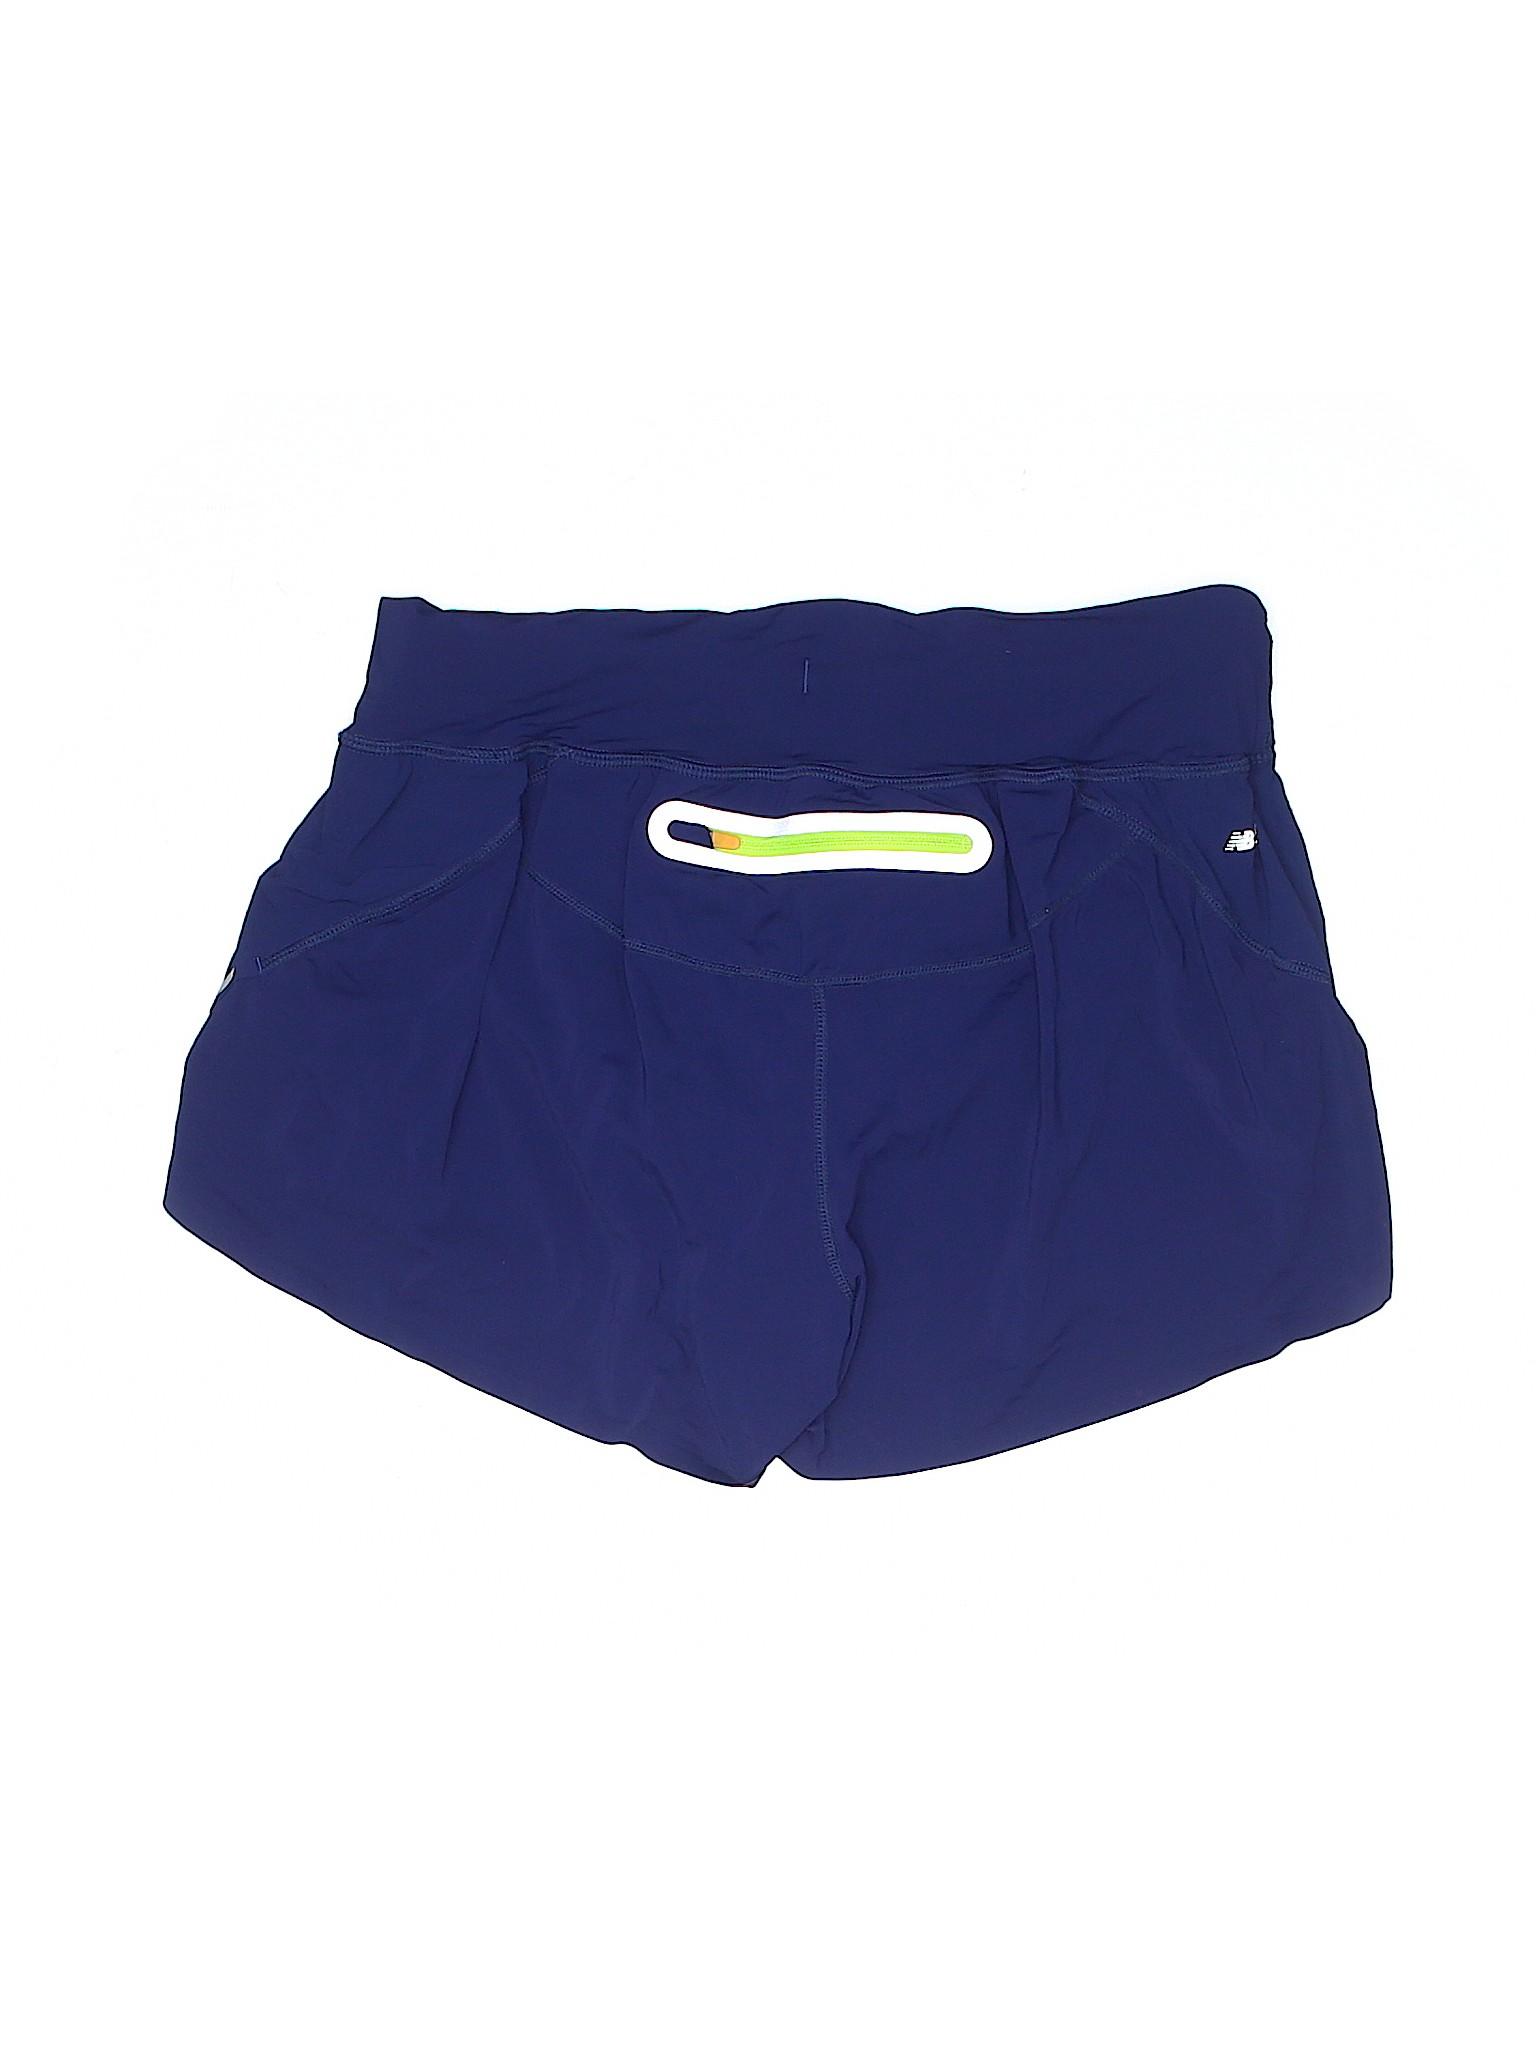 Athletic Shorts Boutique Balance New Boutique New TIzqRaS